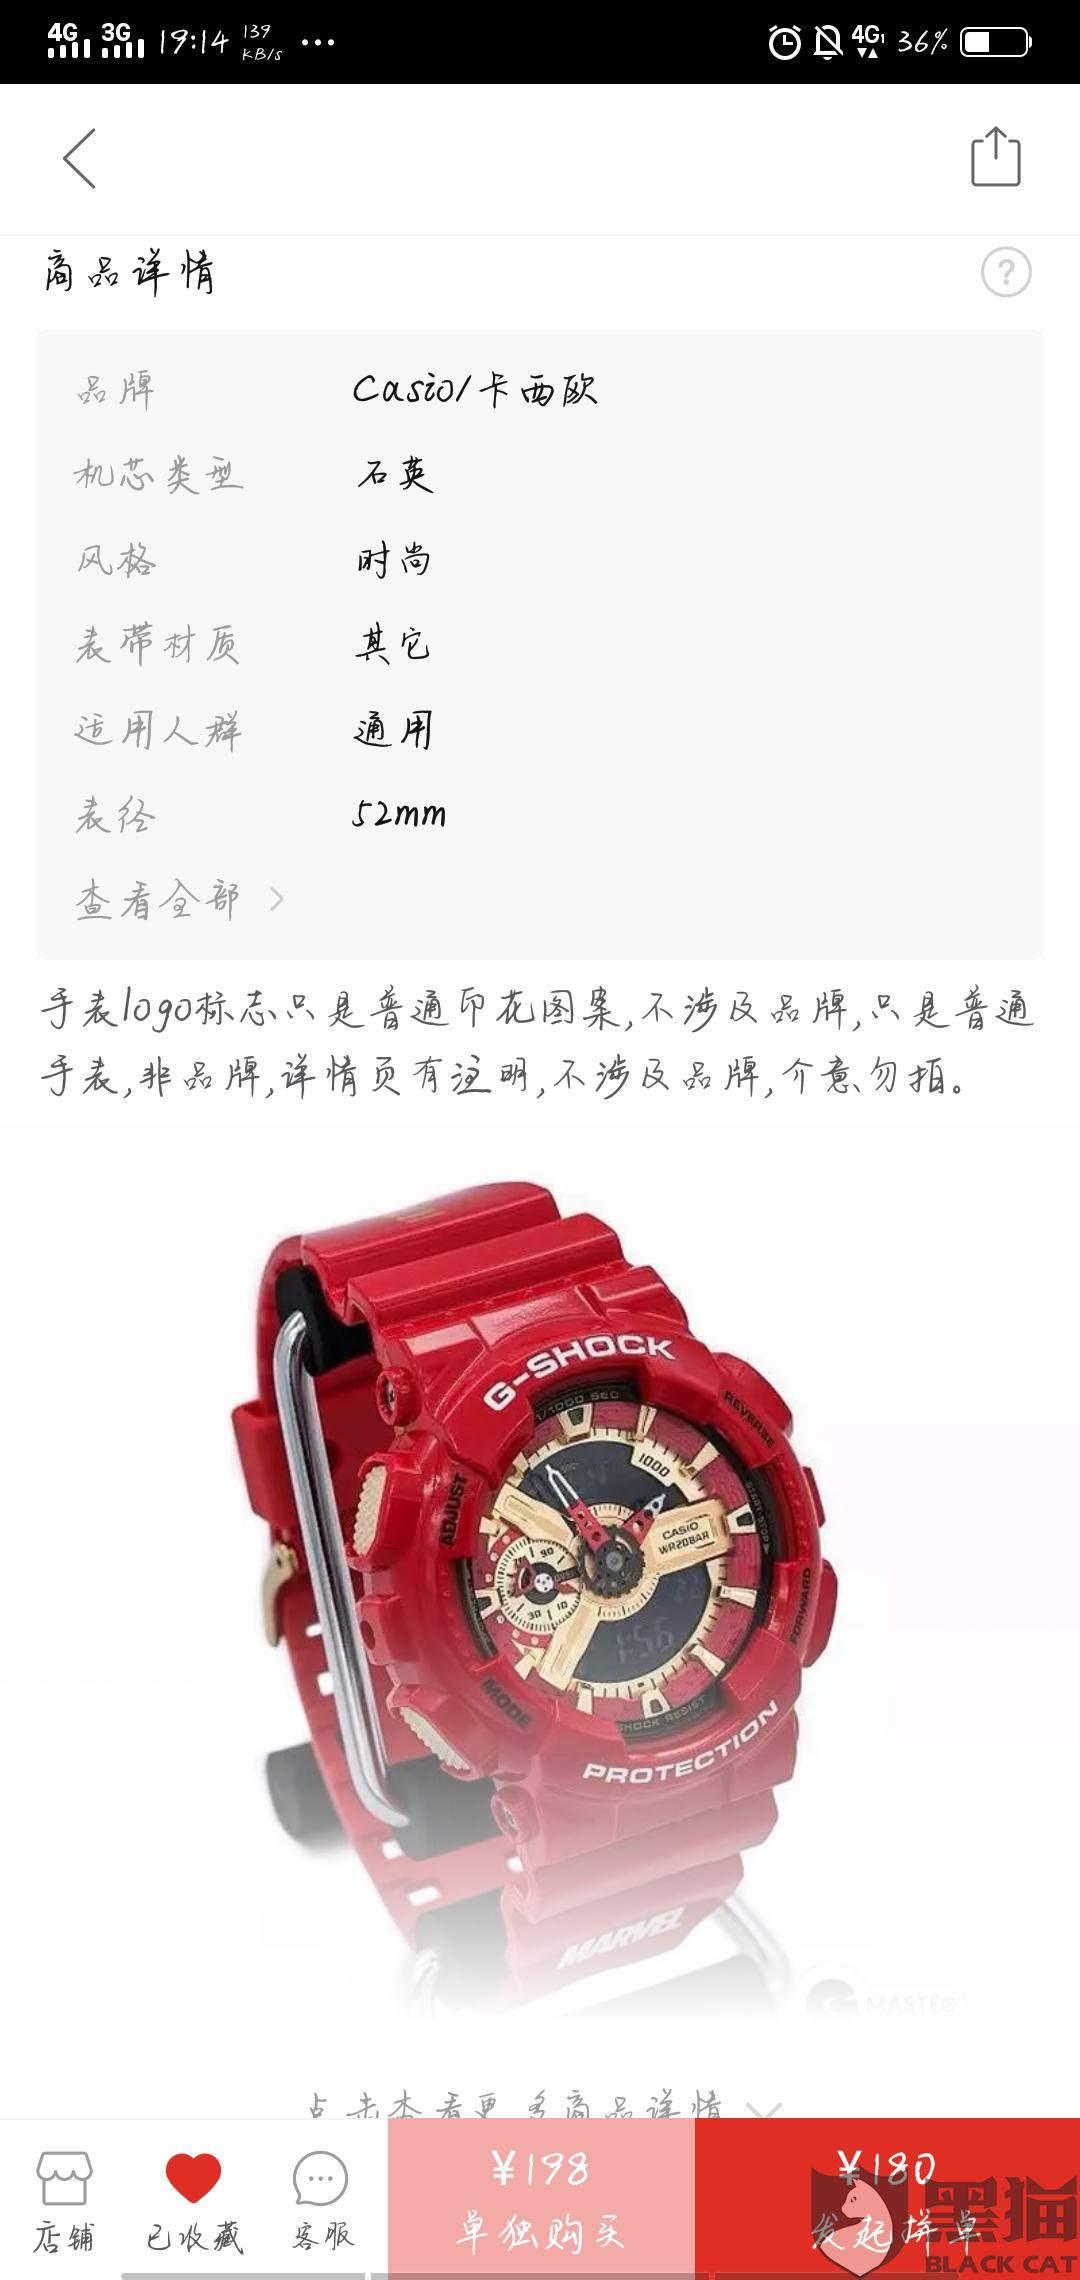 小�9������d�9�$y`f��,_黑猫投诉:在拼多多小d名表店铺购买到了假冒品牌的卡西欧手表,涉嫌